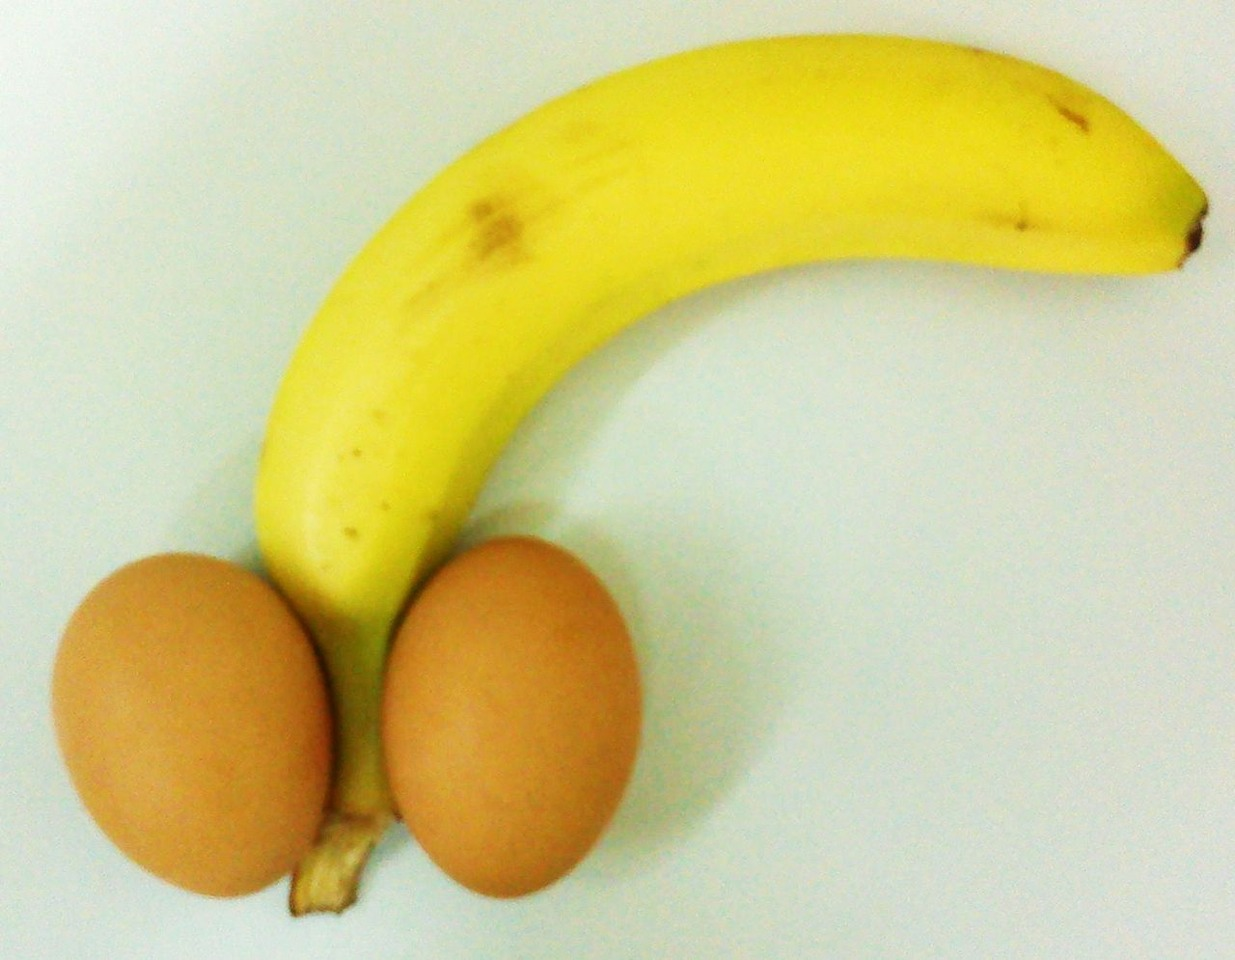 Член виде банана фото 4 фотография